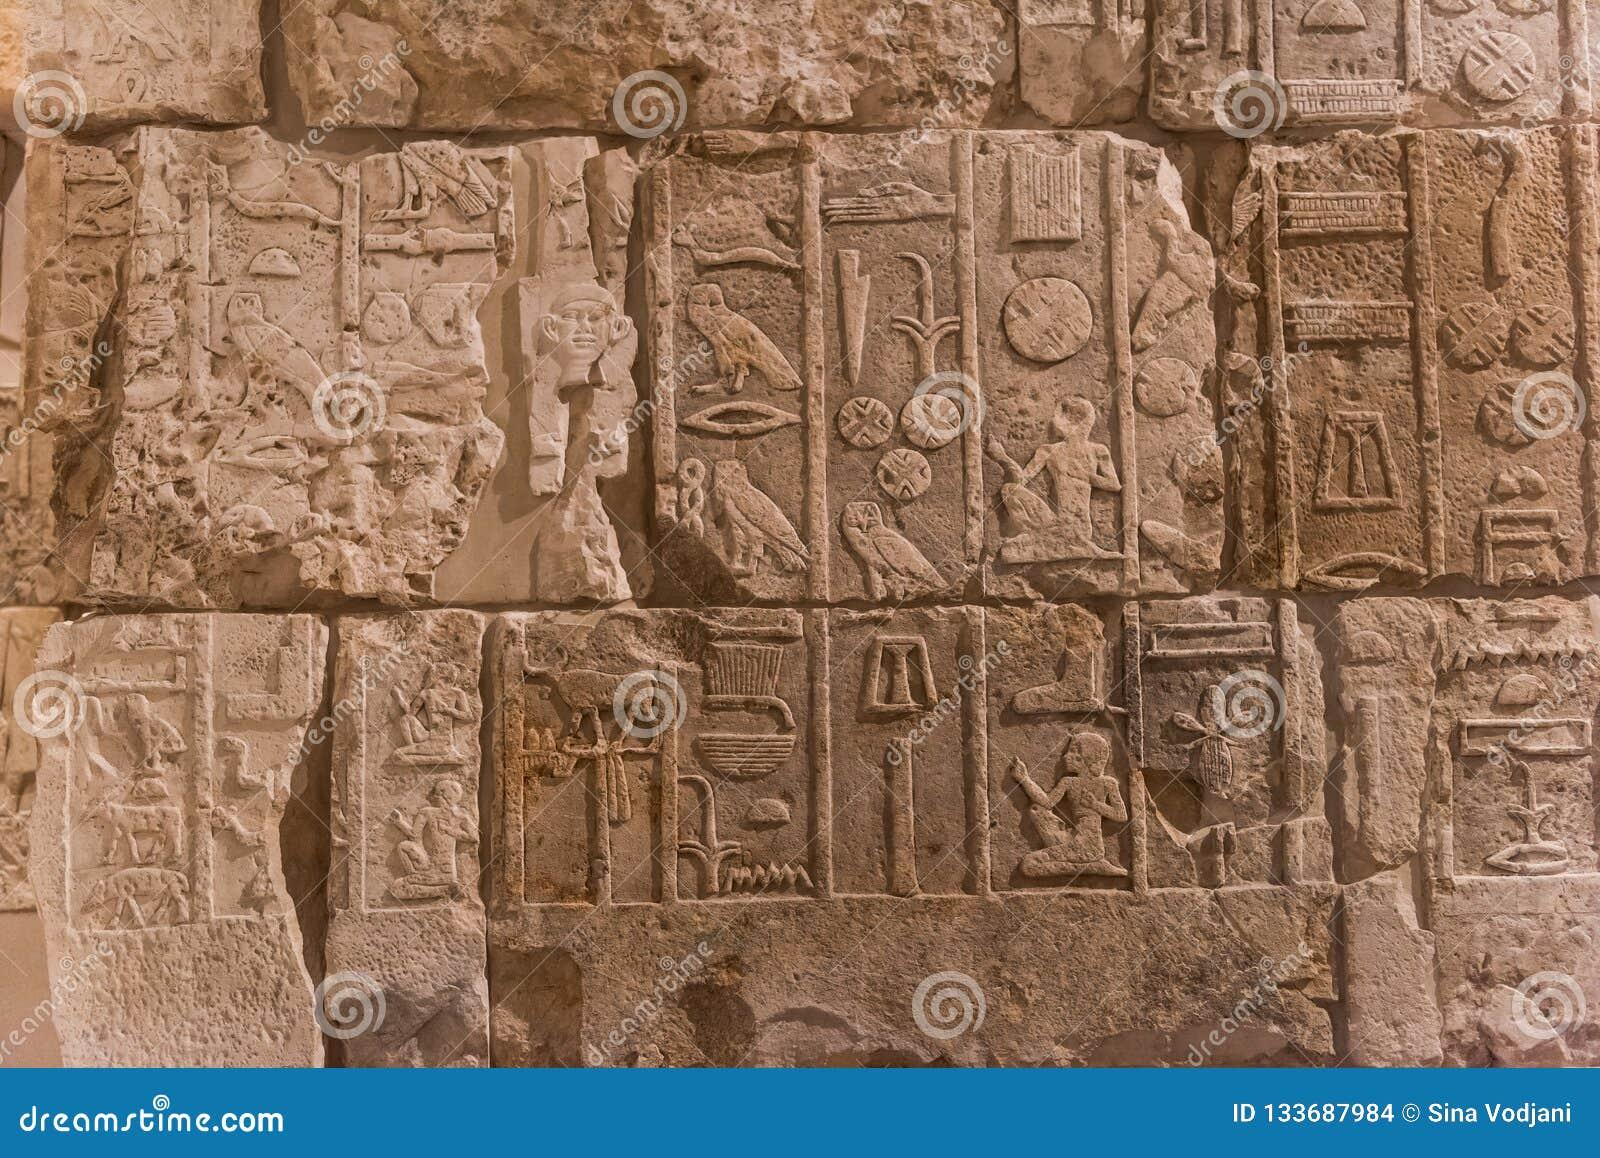 Il carattere del geroglifico egiziano sulla pietra